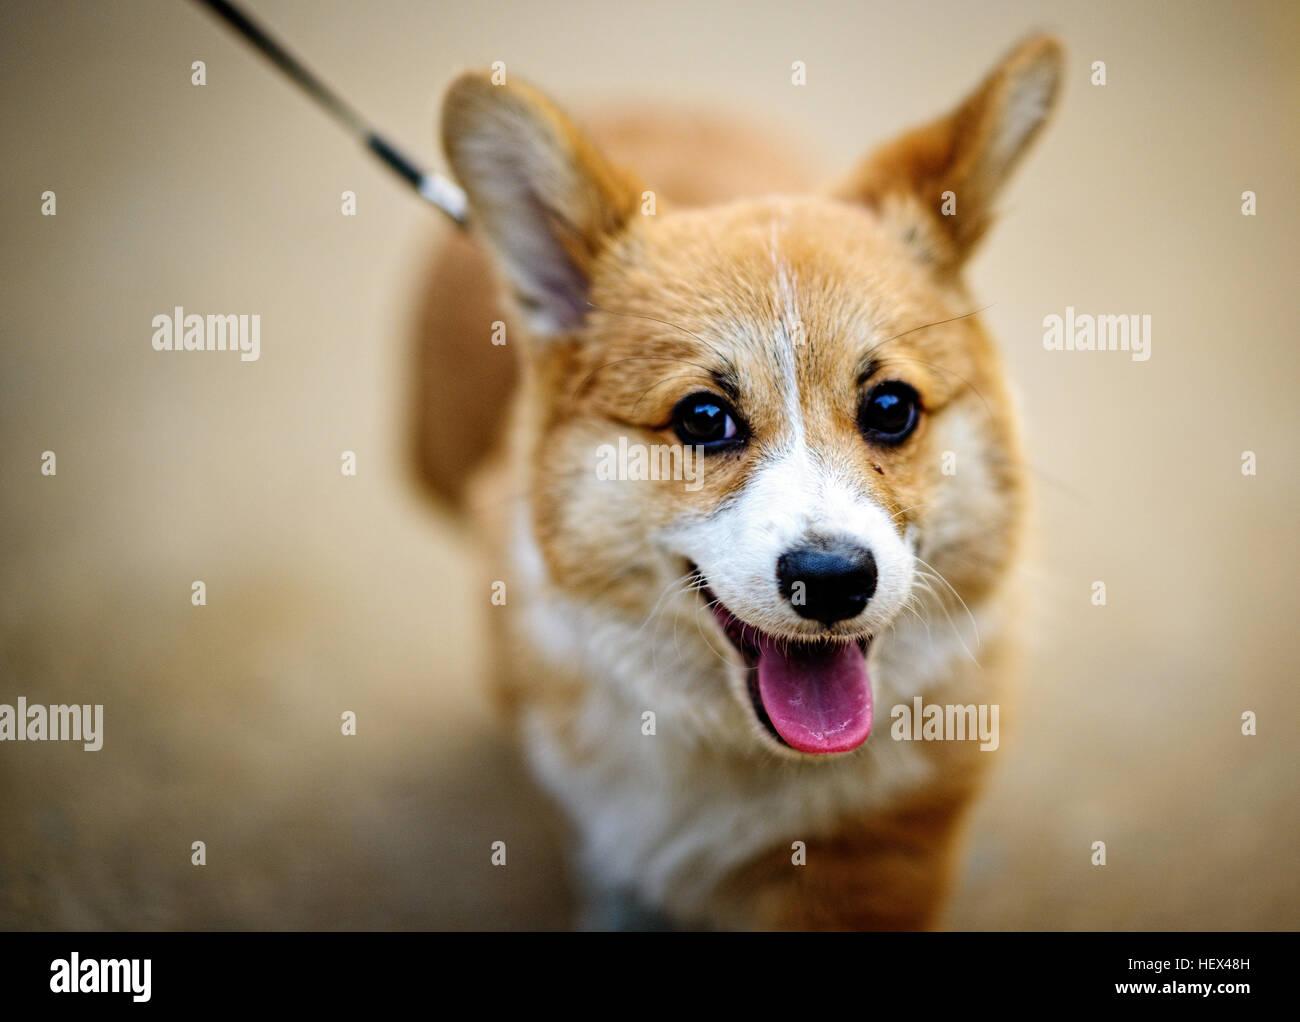 Welsh Corgi Pembroke dog sticking out tongue - Stock Image